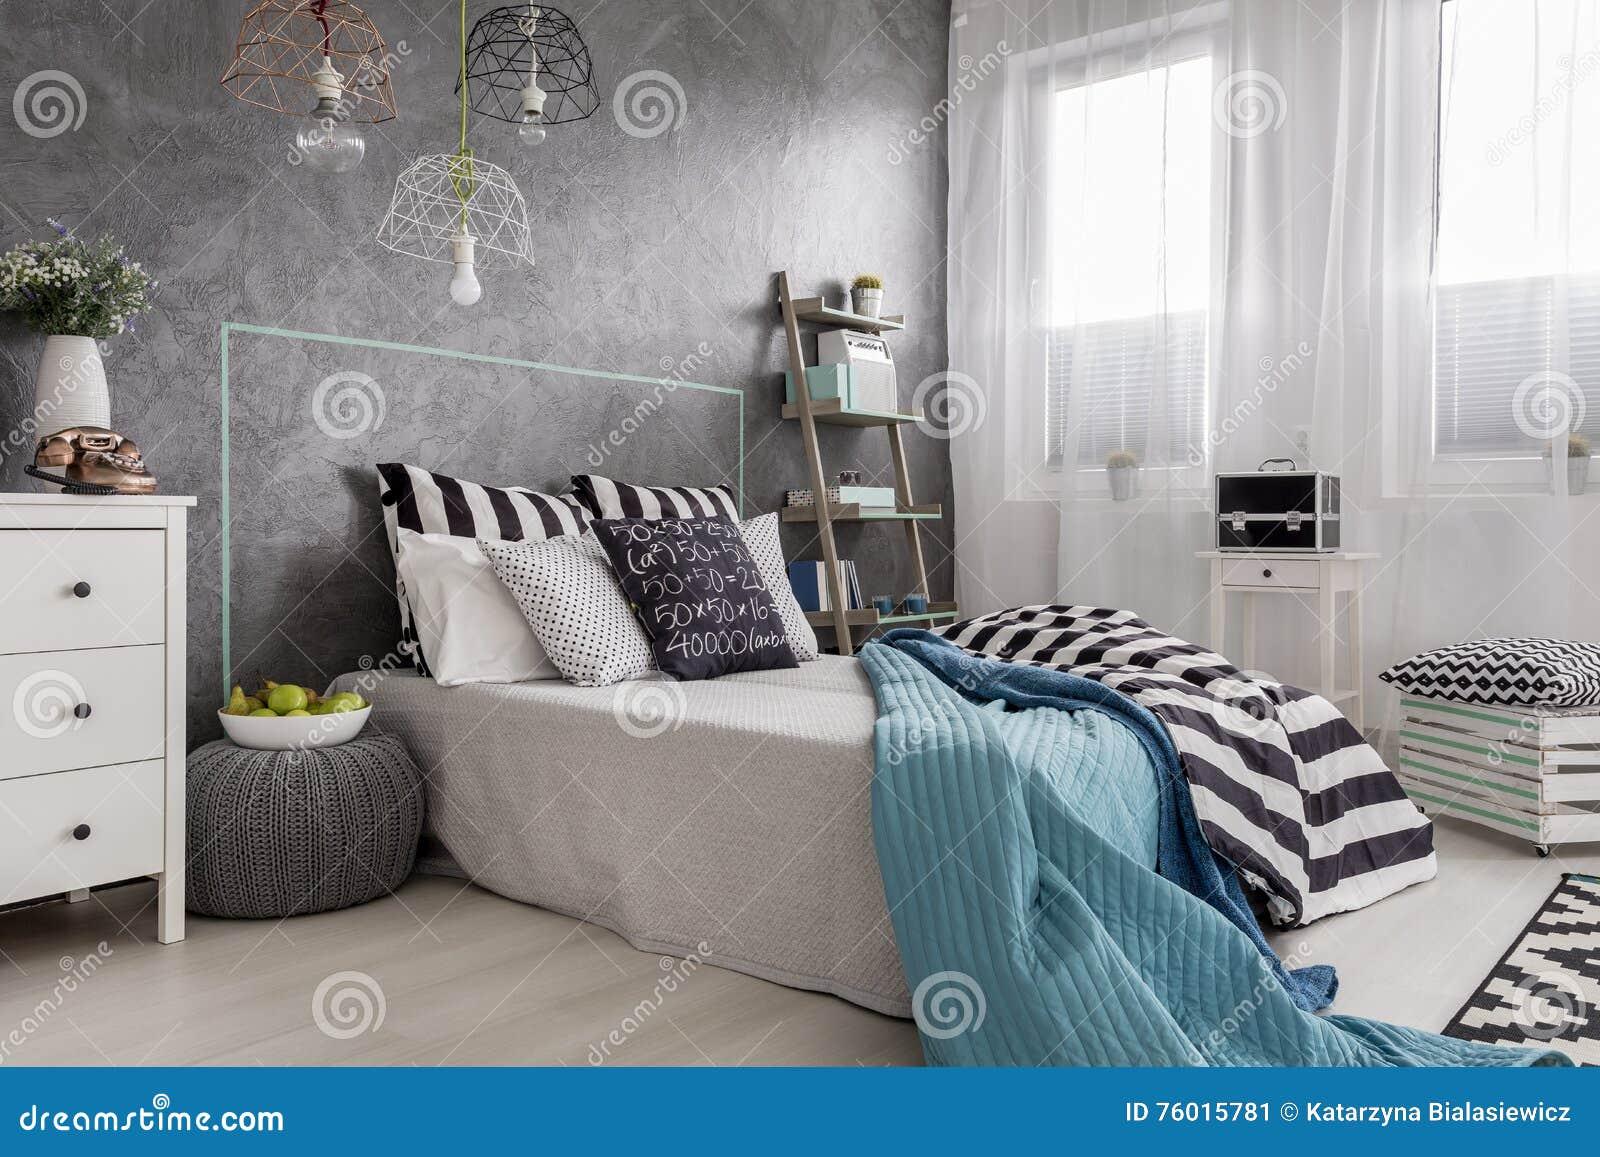 Slaapkamer idee decoratie - Decoratie kamer thuis woonkamer ...